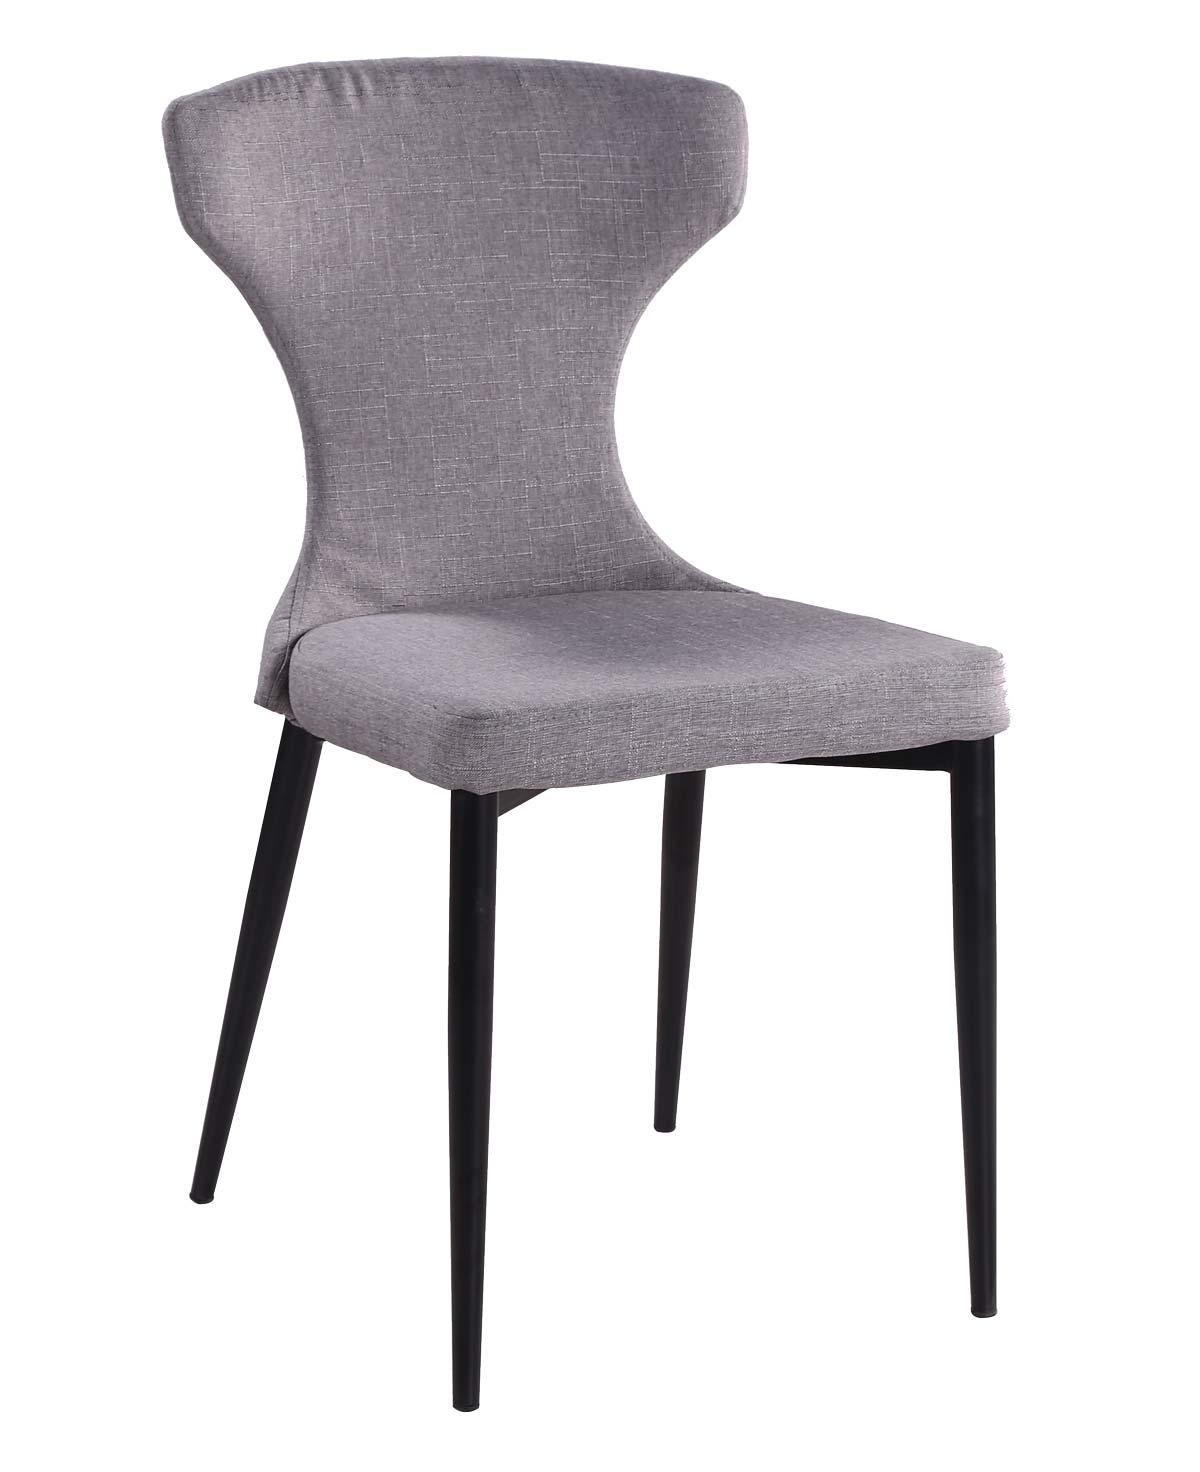 Preform freja spisebordsstol - gråt stof og sortlakeret metal